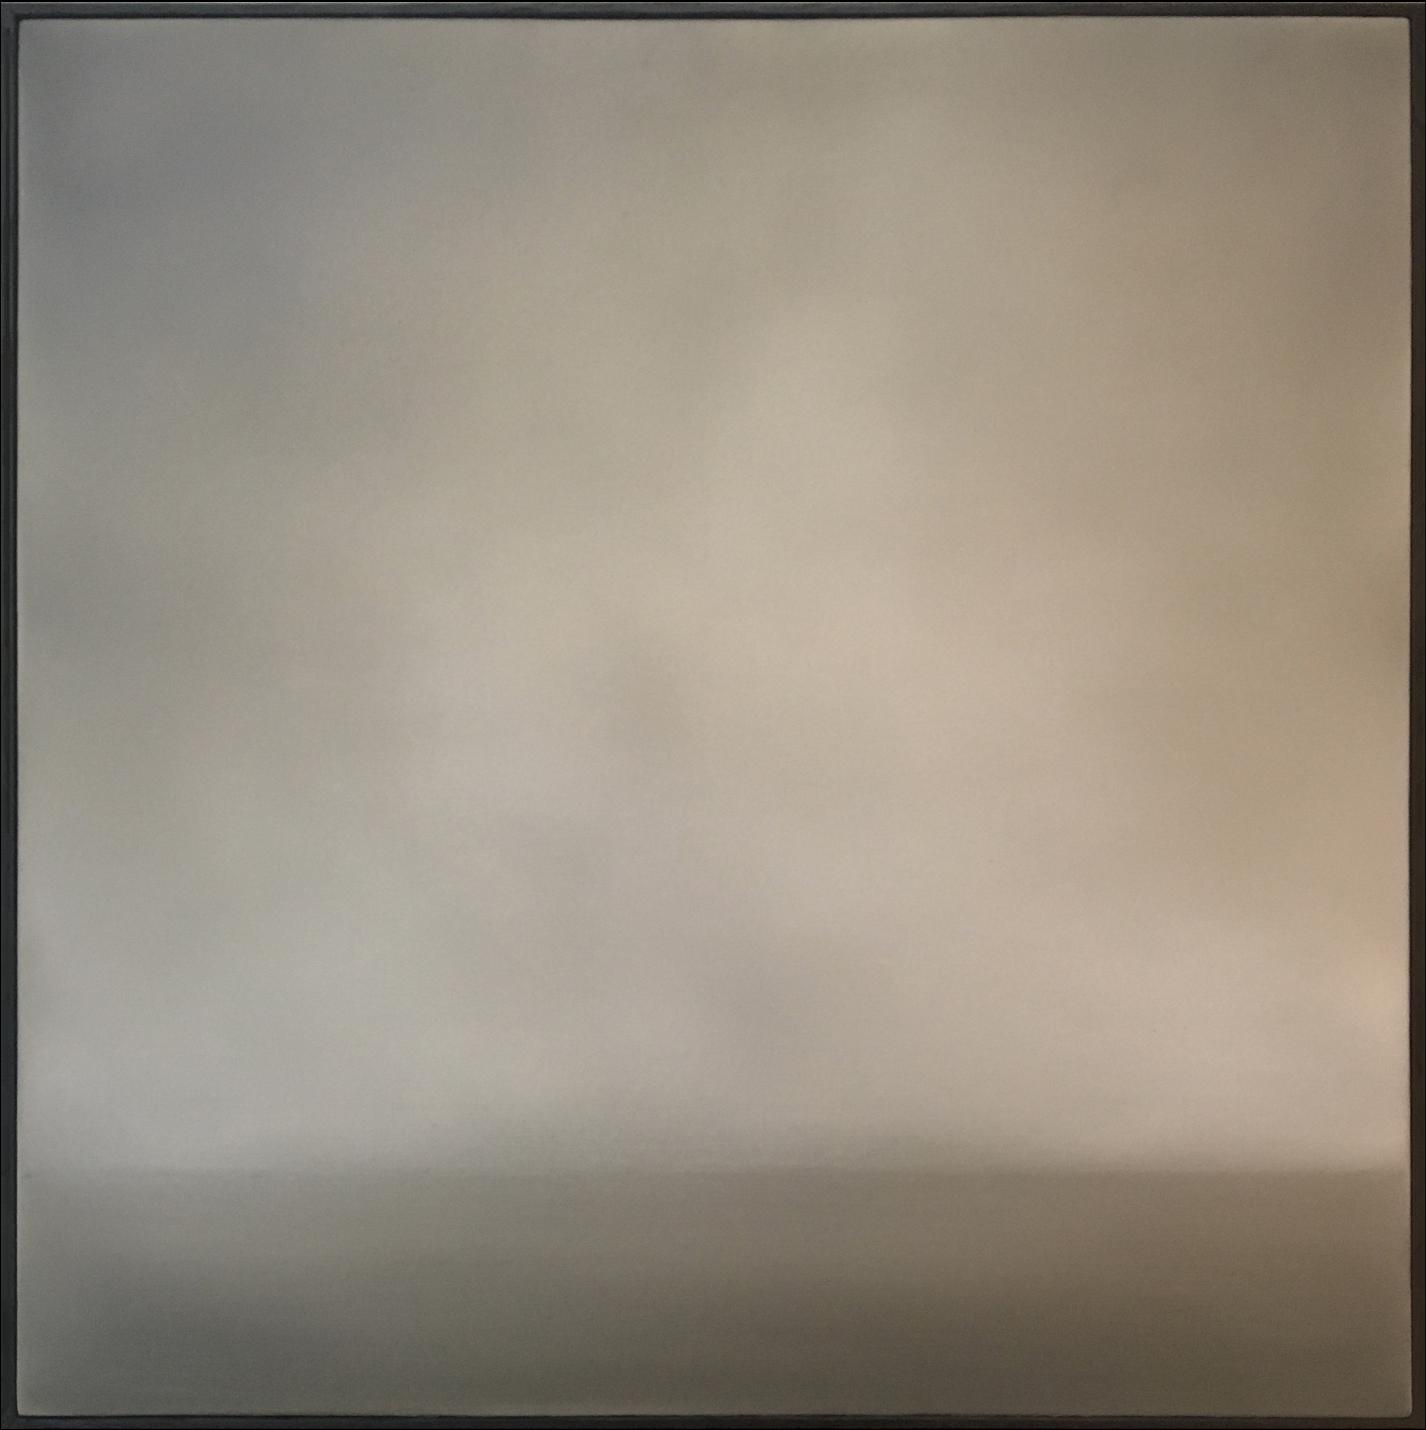 Matthew C. Metzger, Seascape I  Oil on Panel, 24x24 in.